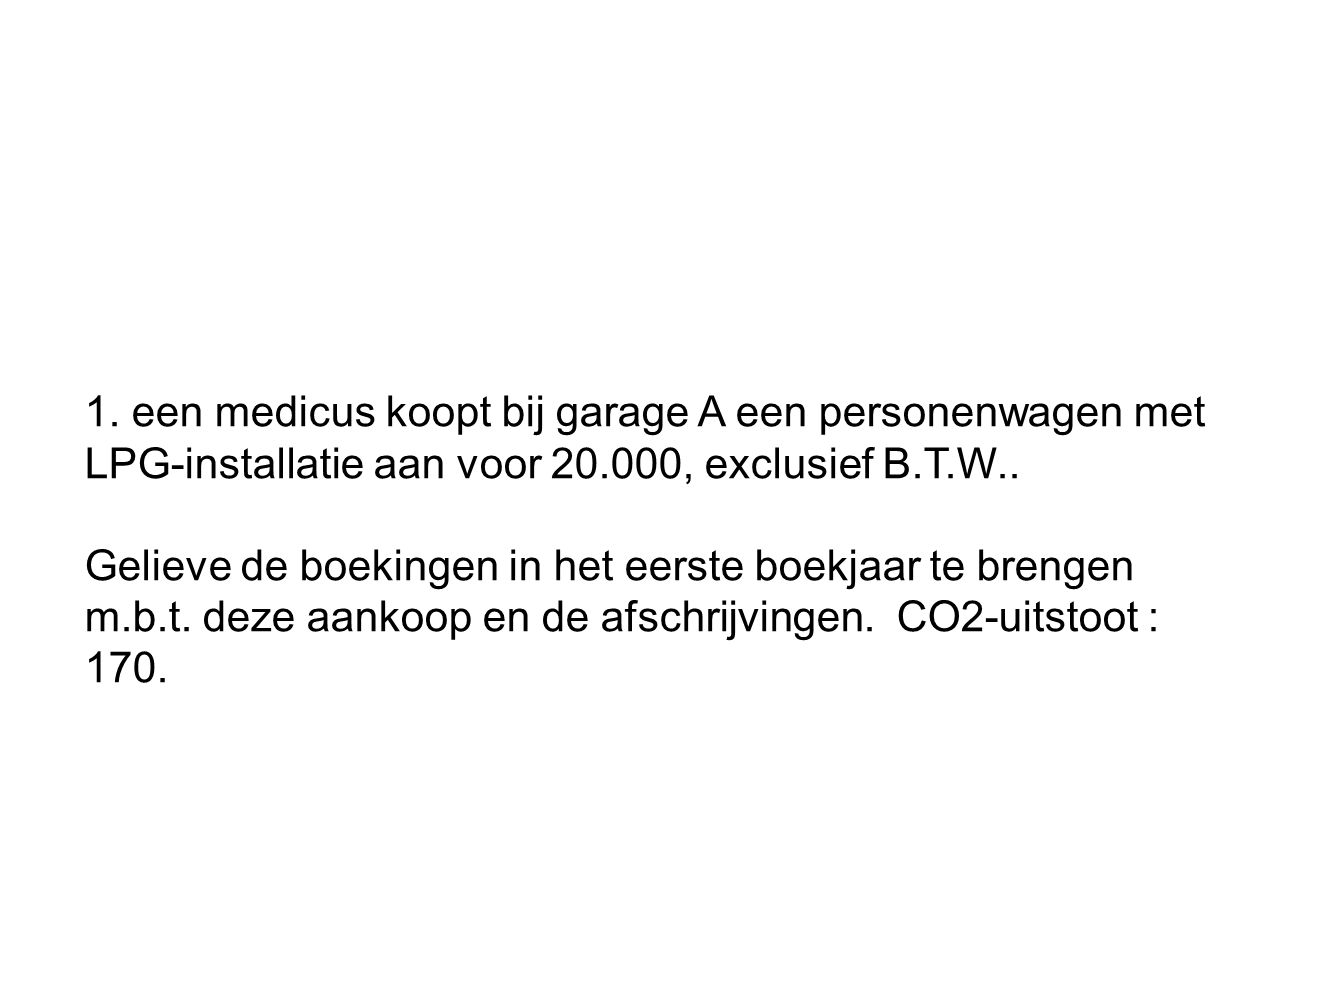 1. een medicus koopt bij garage A een personenwagen met LPG-installatie aan voor 20.000, exclusief B.T.W..